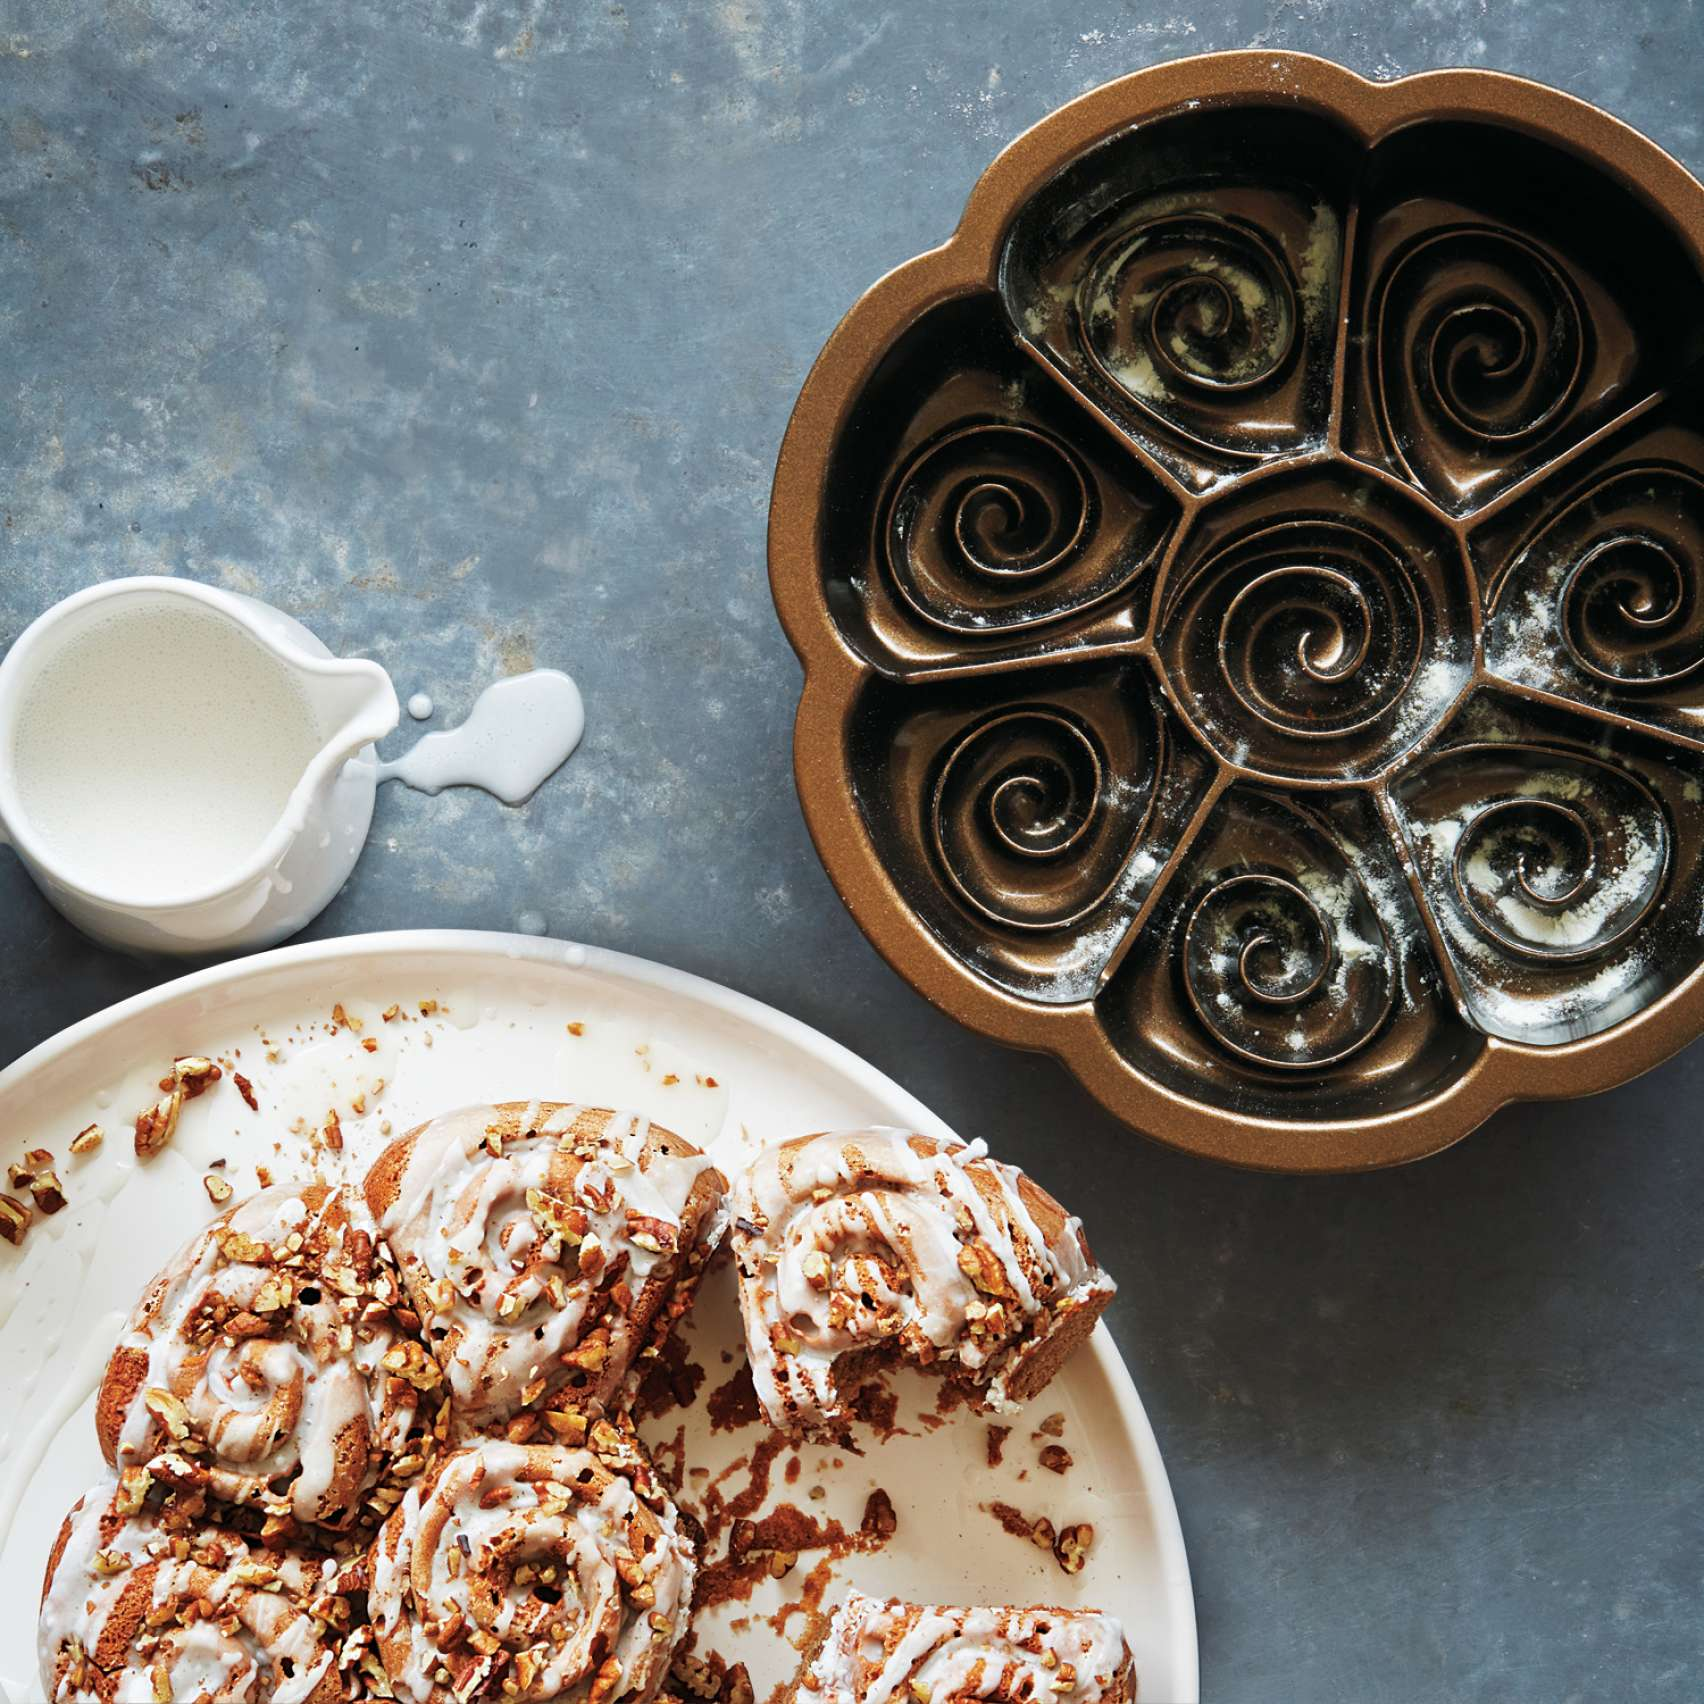 Nordic Ware Cinnamon Bun Pan | Sur La Table